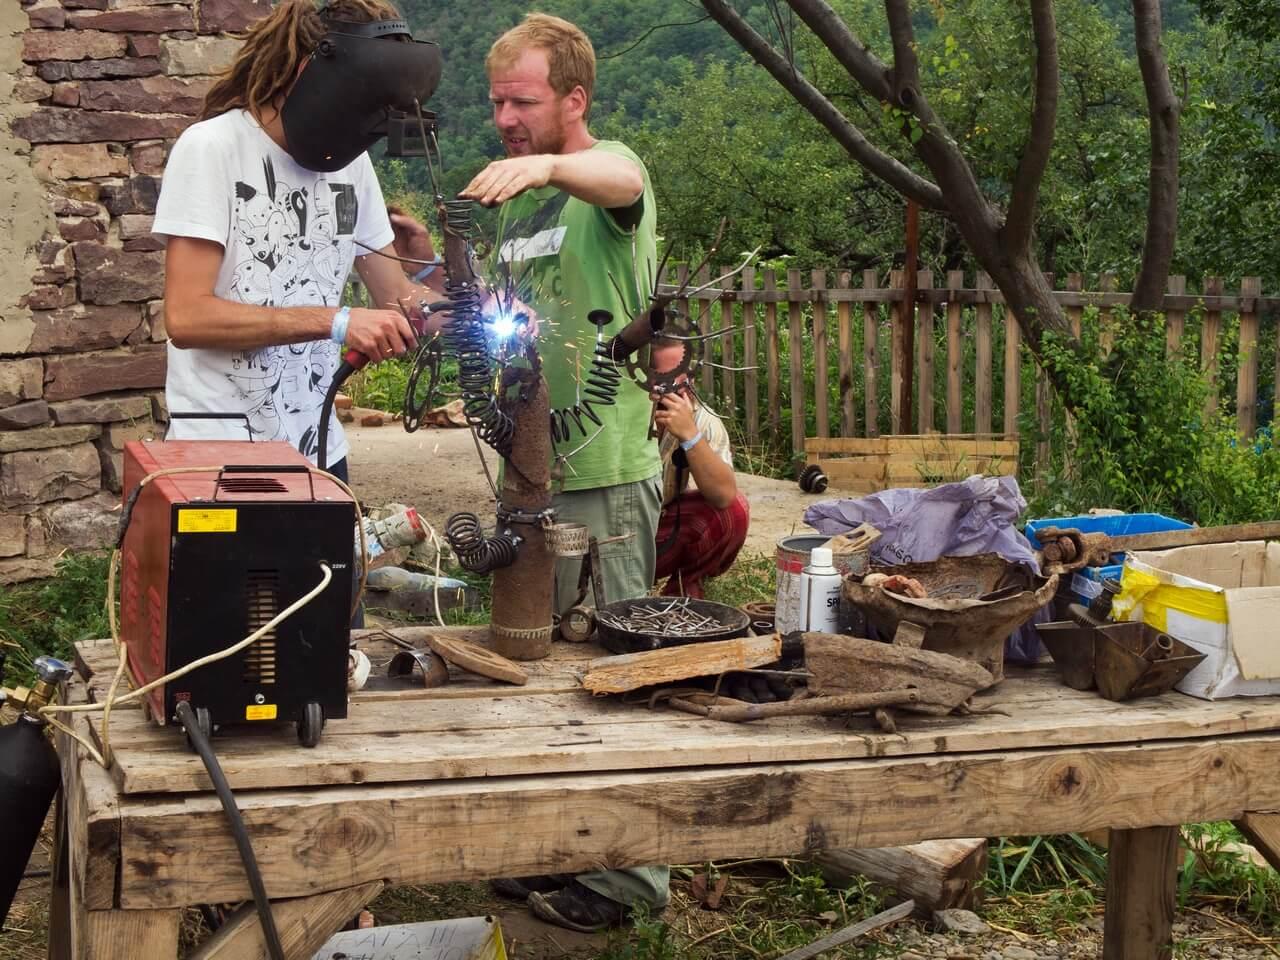 Двоє чоловіків виготовляють металеву скульптуру за допомогою зварювального апарата на фестивалі в Унежі